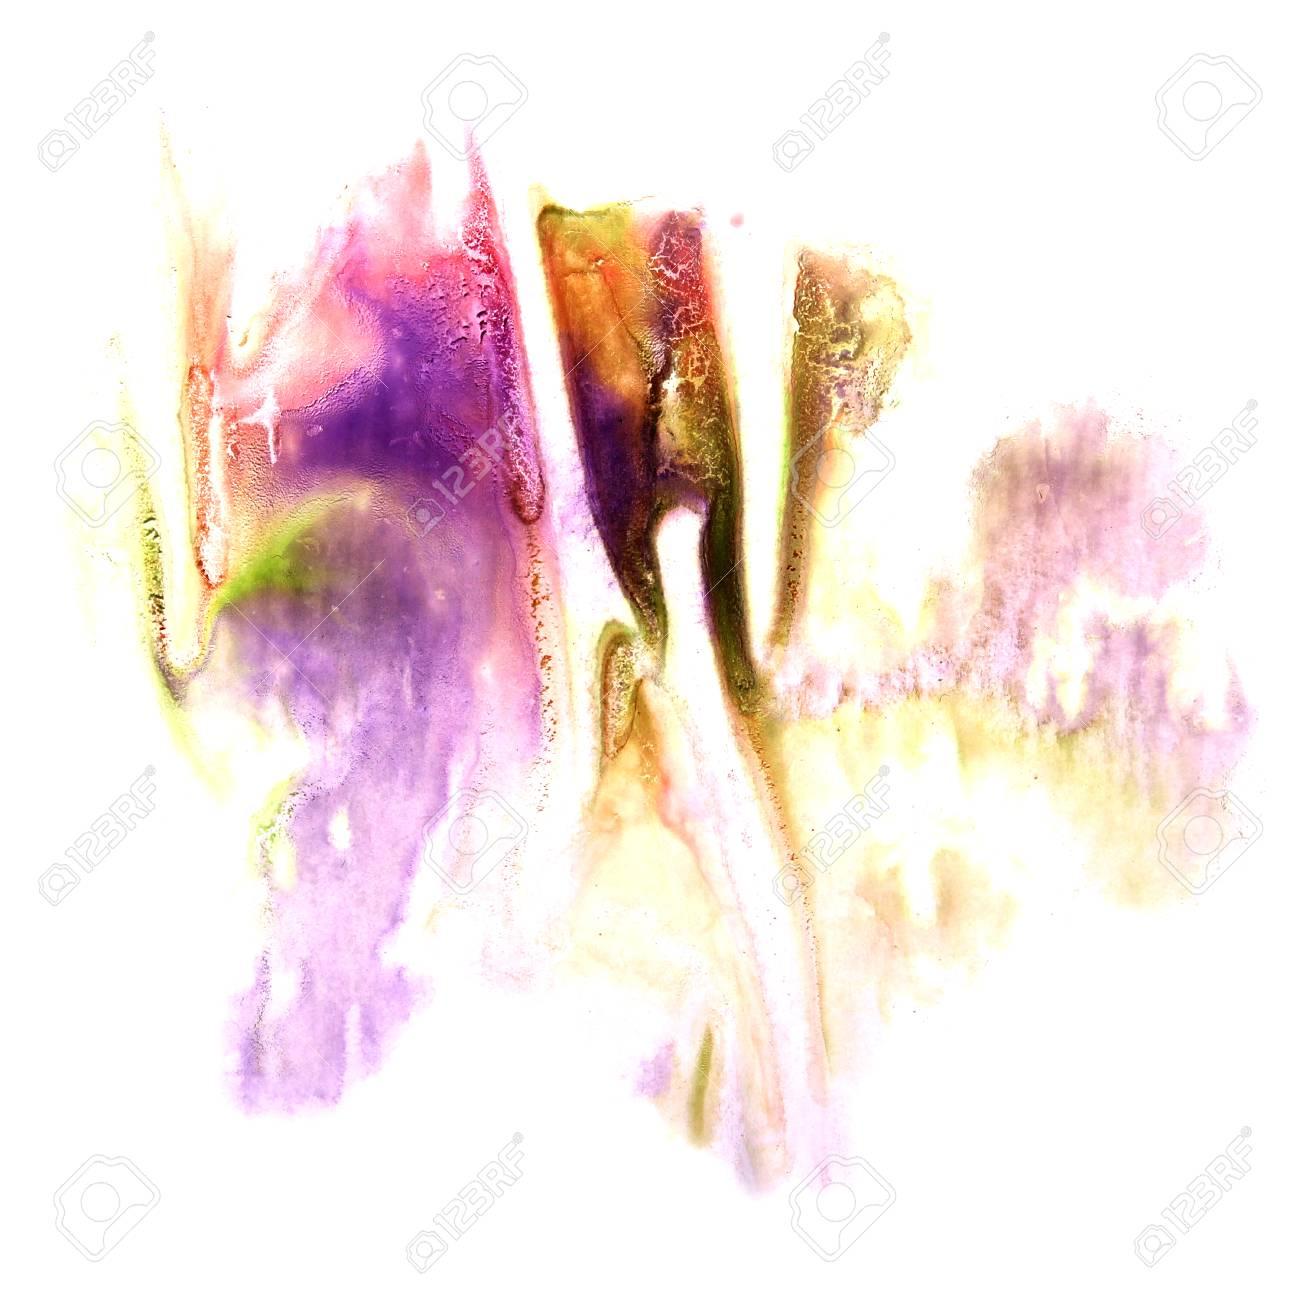 Peinture Violet Rose Vert Encre éclaboussures Spot Blob Tache De Pinceau à  Aquarelle Aquarelle Texture De Fond Abstrait